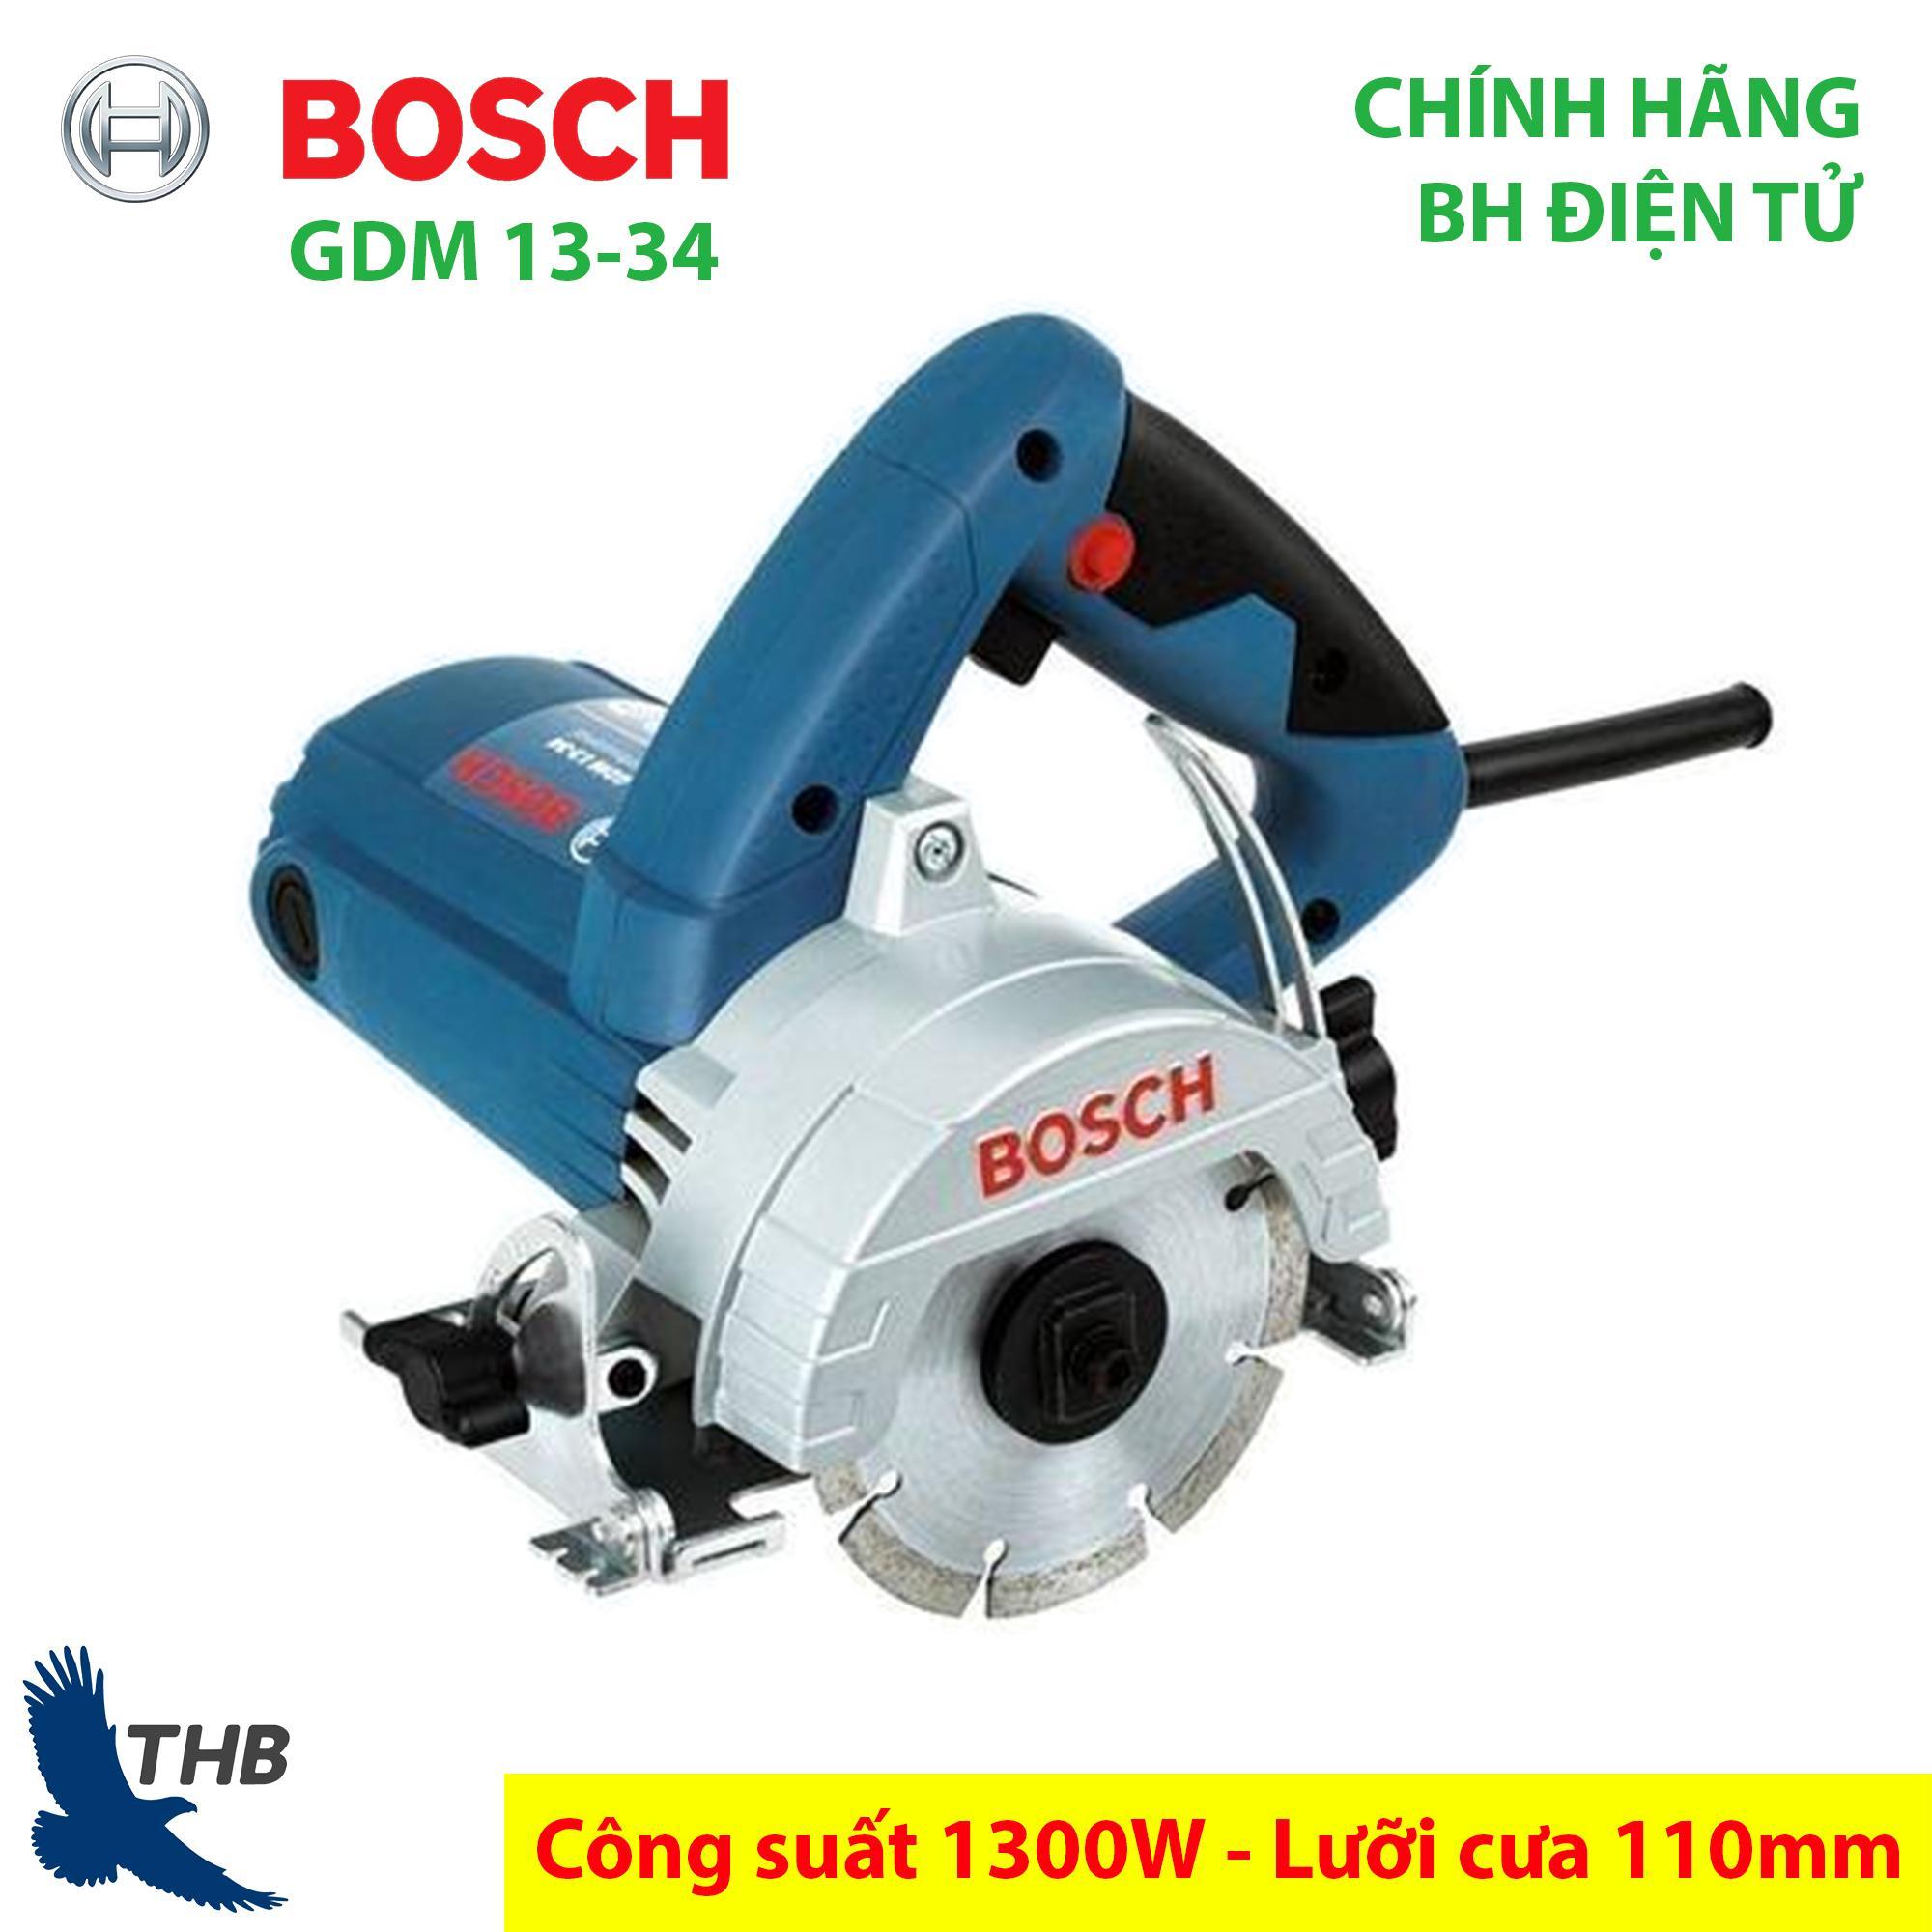 Máy cắt gạch Máy cắt đá Ceramic Bosch chính hãng GDM 13-134 Công suất 1300W lưỡi cưa 110mm bảo hành điện tử 12 tháng - Dòng máy mới 2019